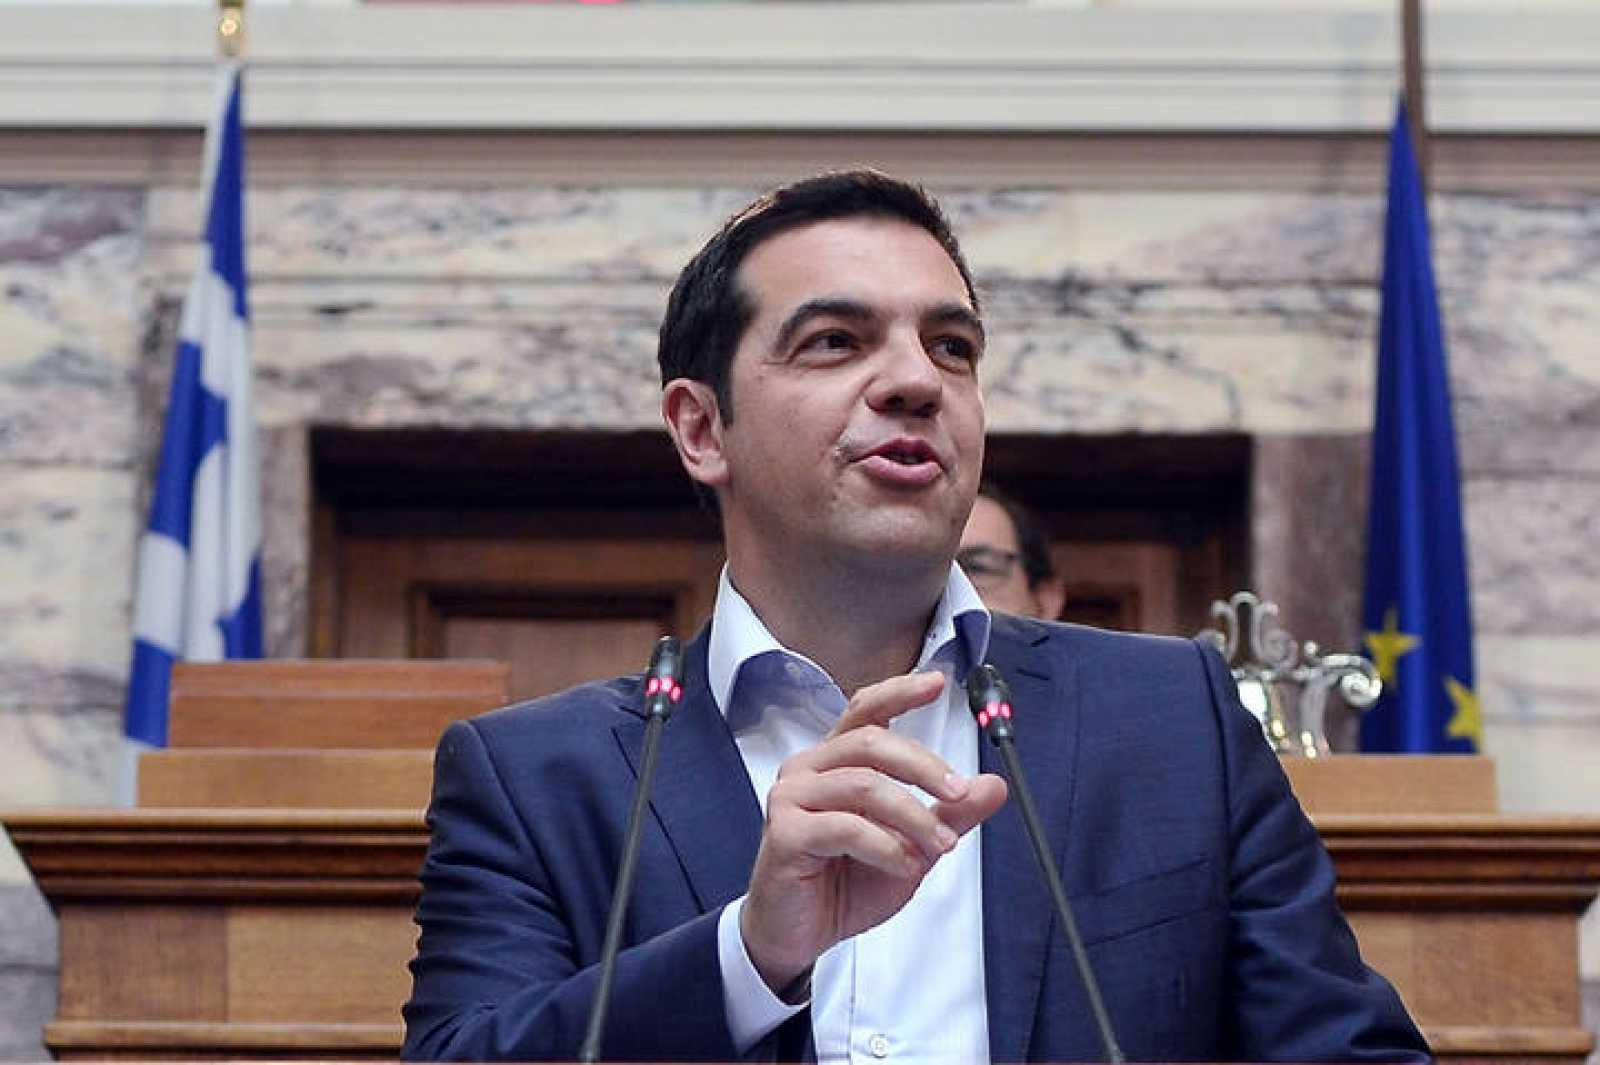 El primer ministro griego, Alexis Tsipras, comparece ante el grupo parlamentario de Syriza